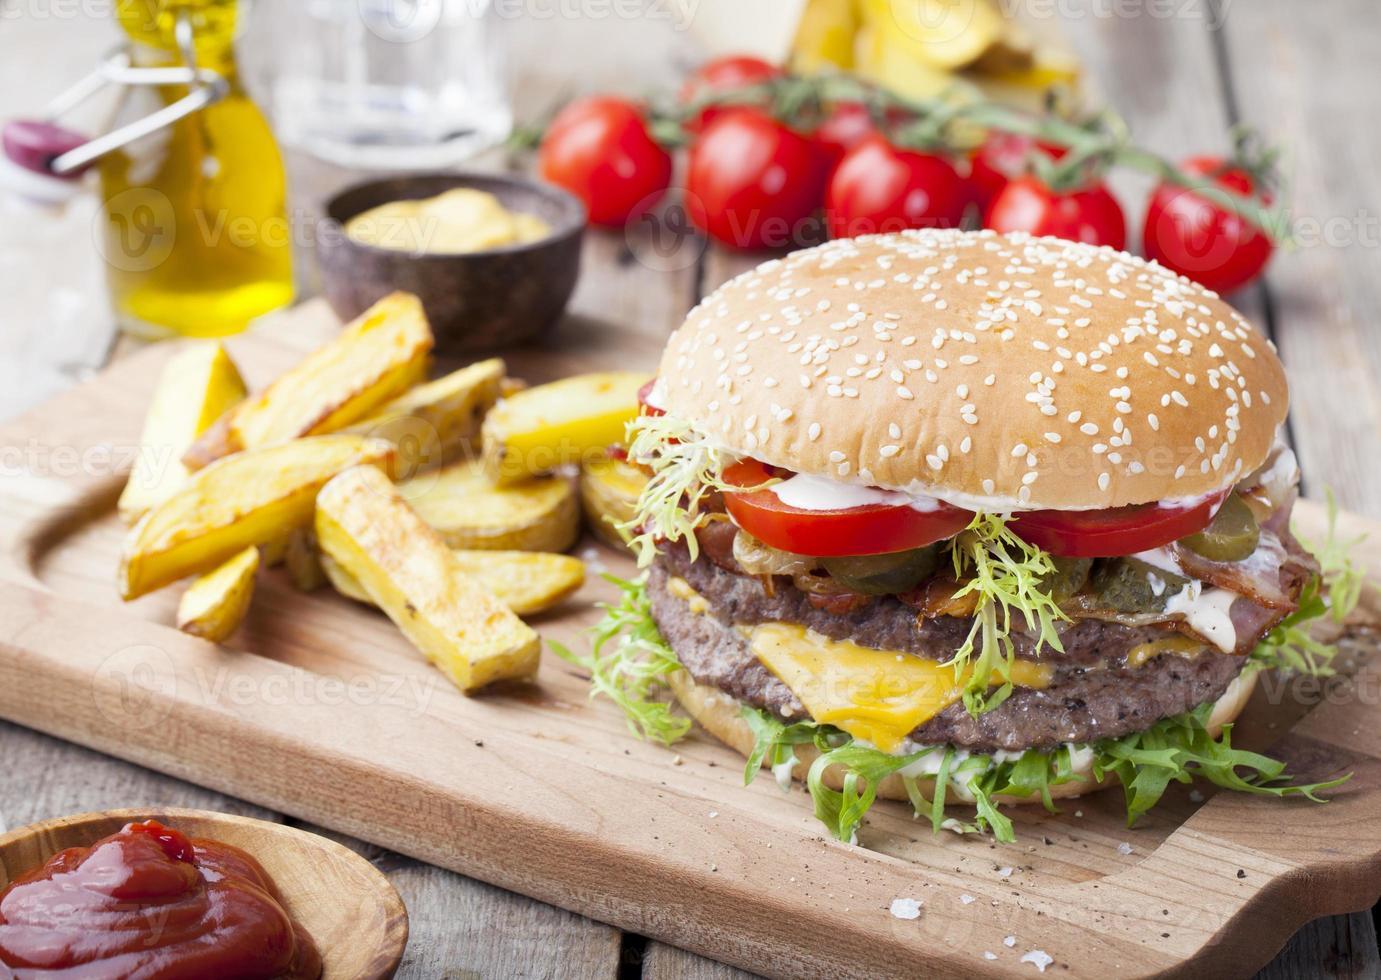 hamburgare, hamburgare med pommes frites, ketchup, senap och färska grönsaker foto